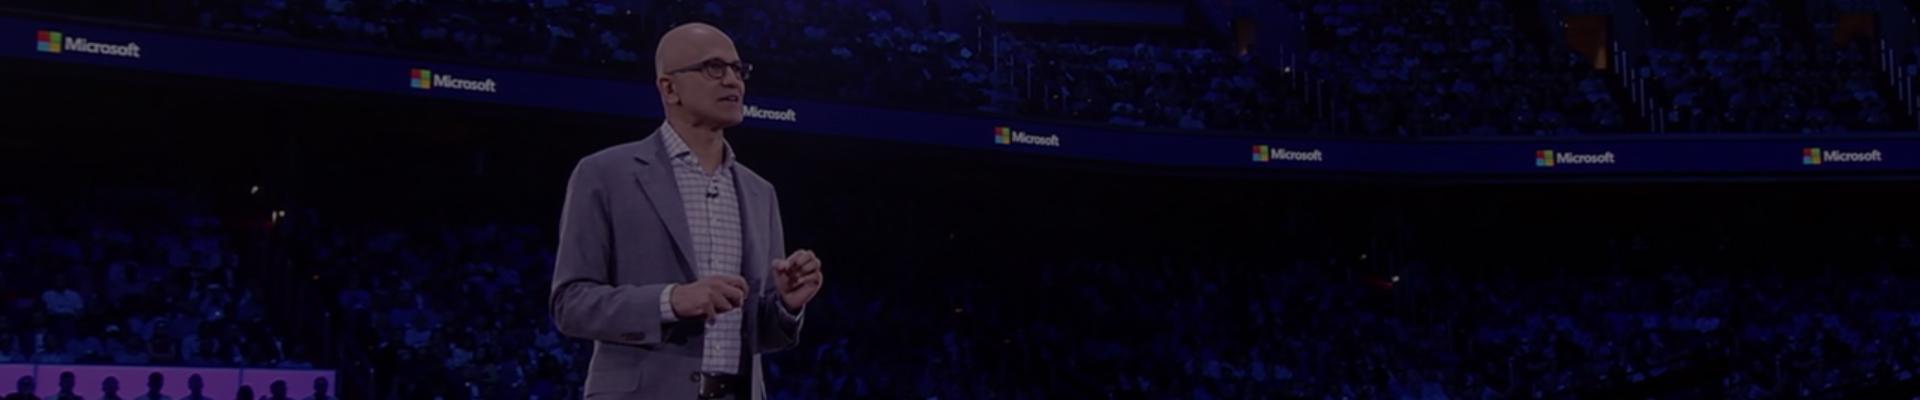 Guarda l'annuncio di Microsoft 365 fatto da Satya